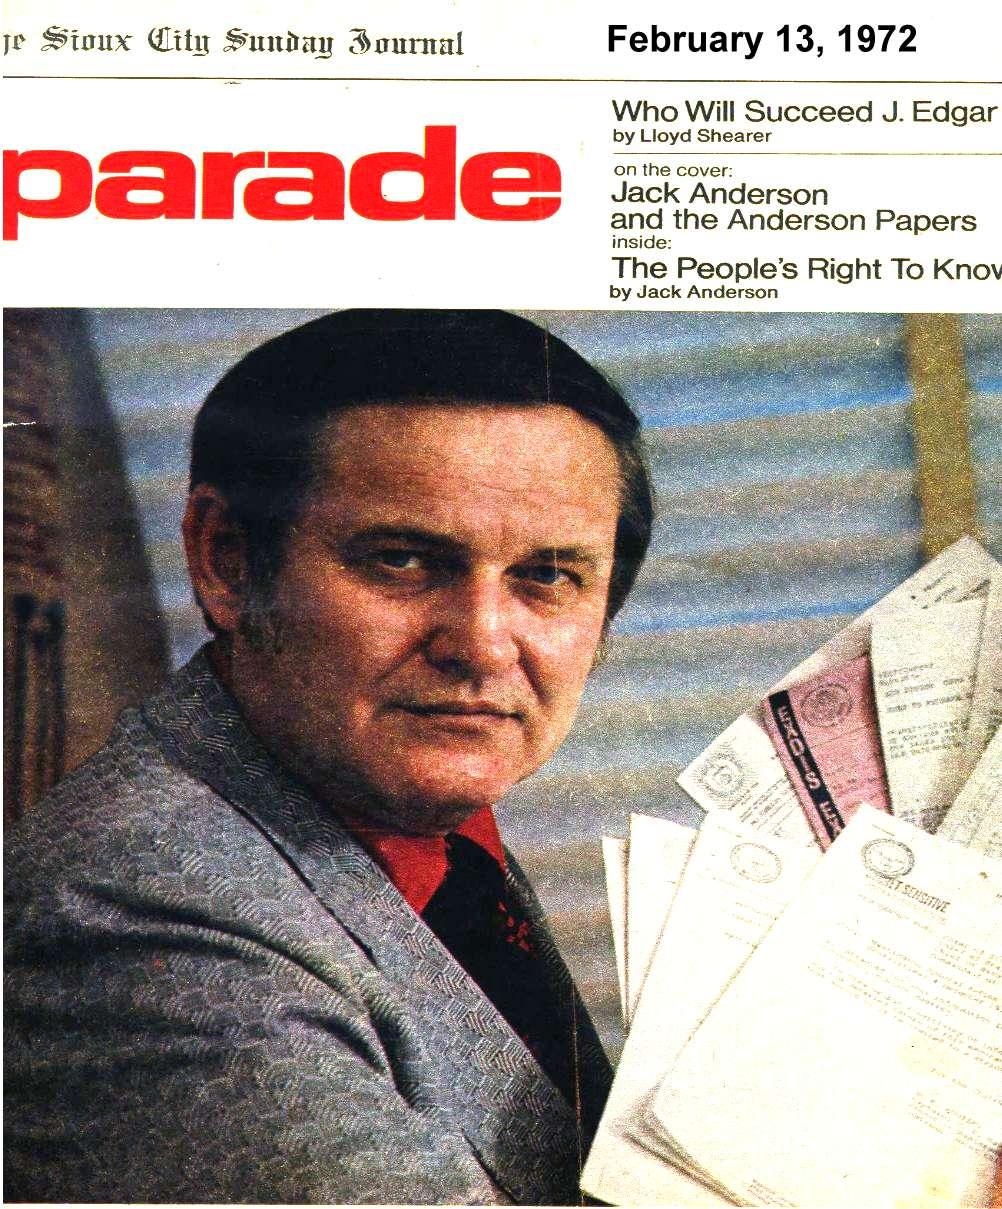 Parade 1972